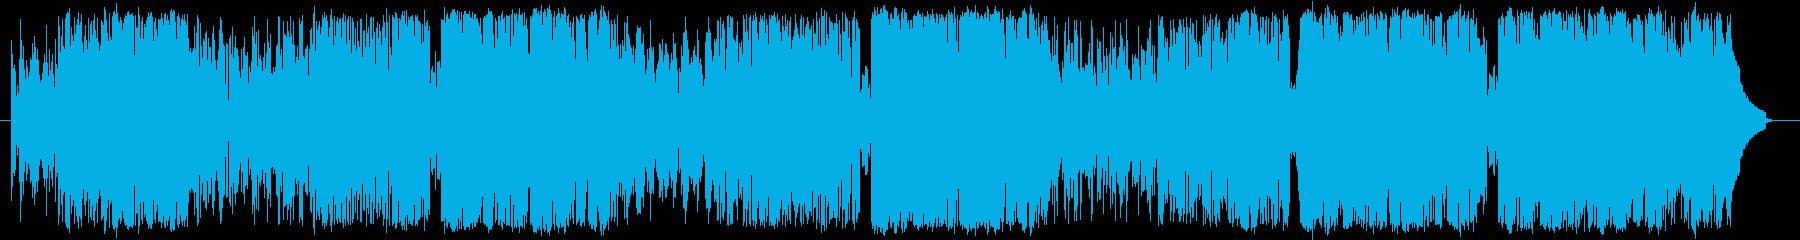 可愛くてポップな曲調の再生済みの波形